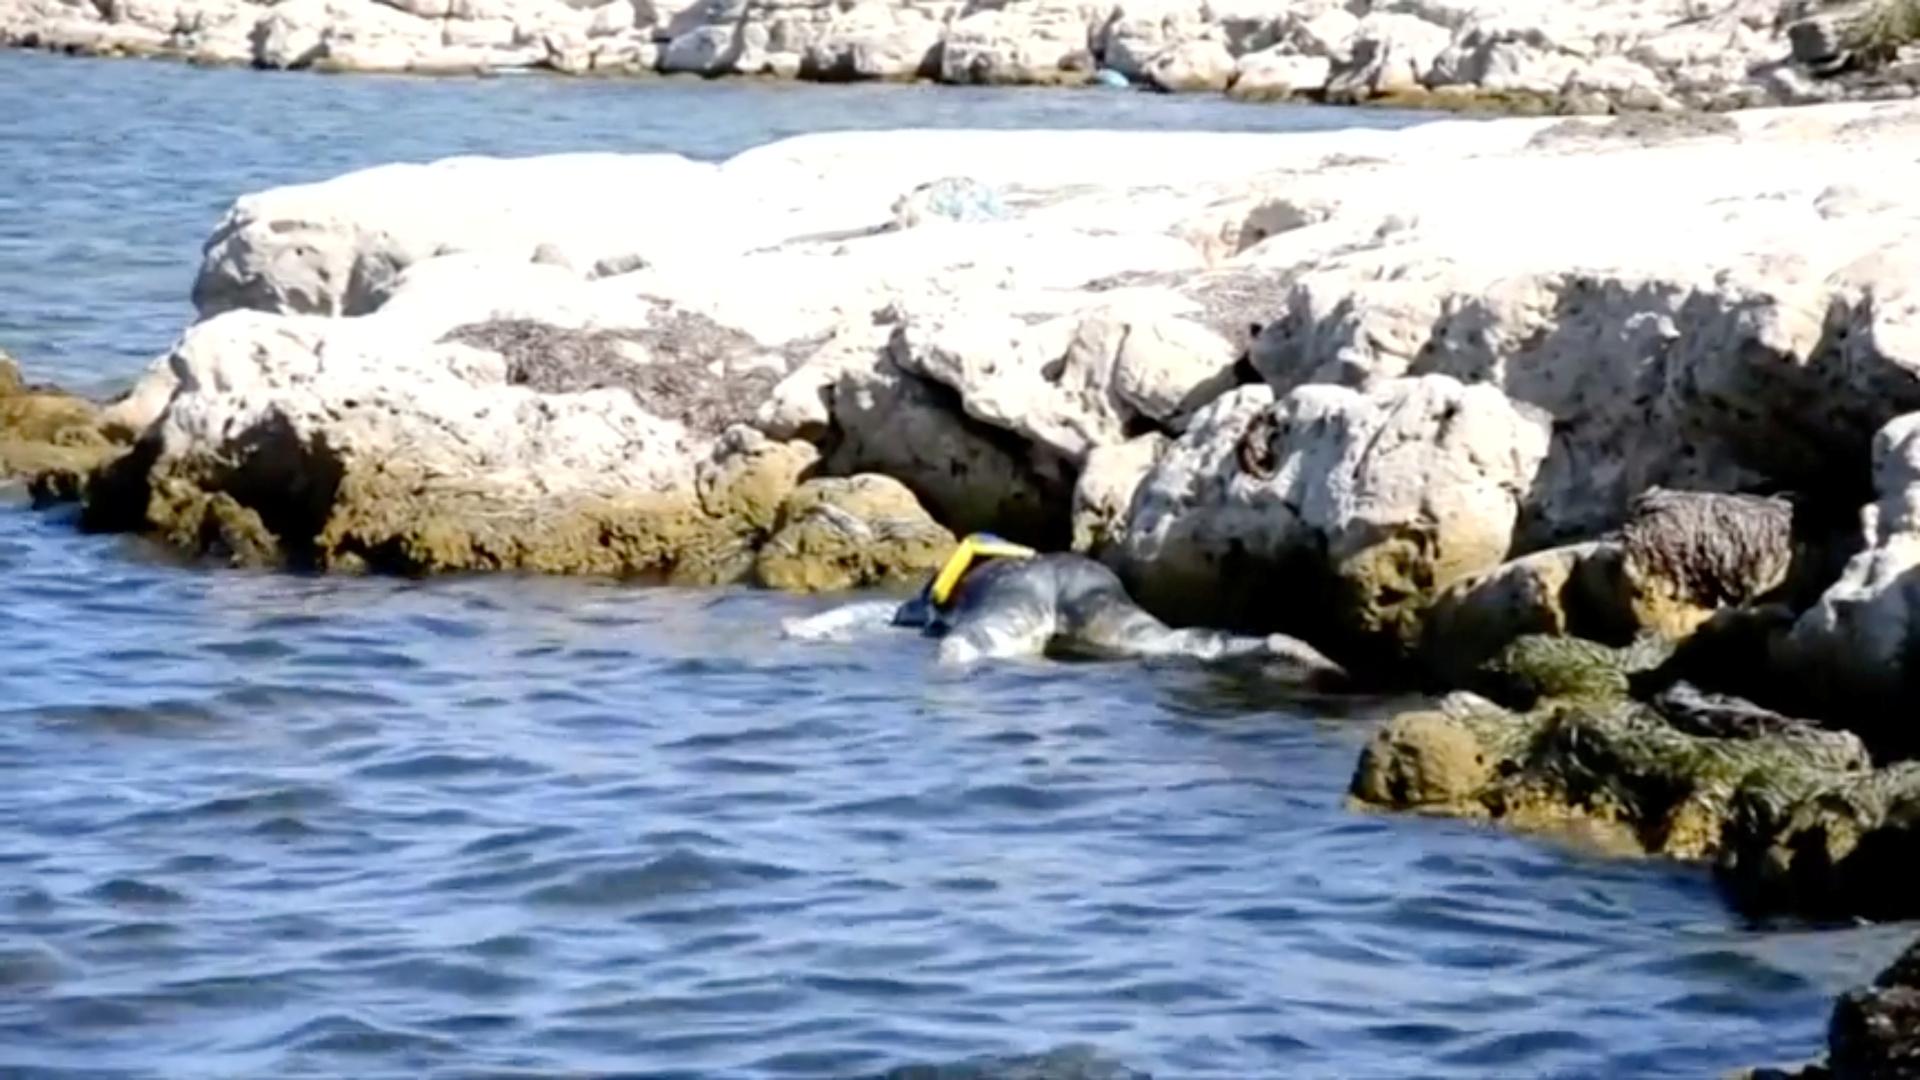 الحرس البحري التونسي ينتشل 6 جثث لفظها البحر على الشاطئ